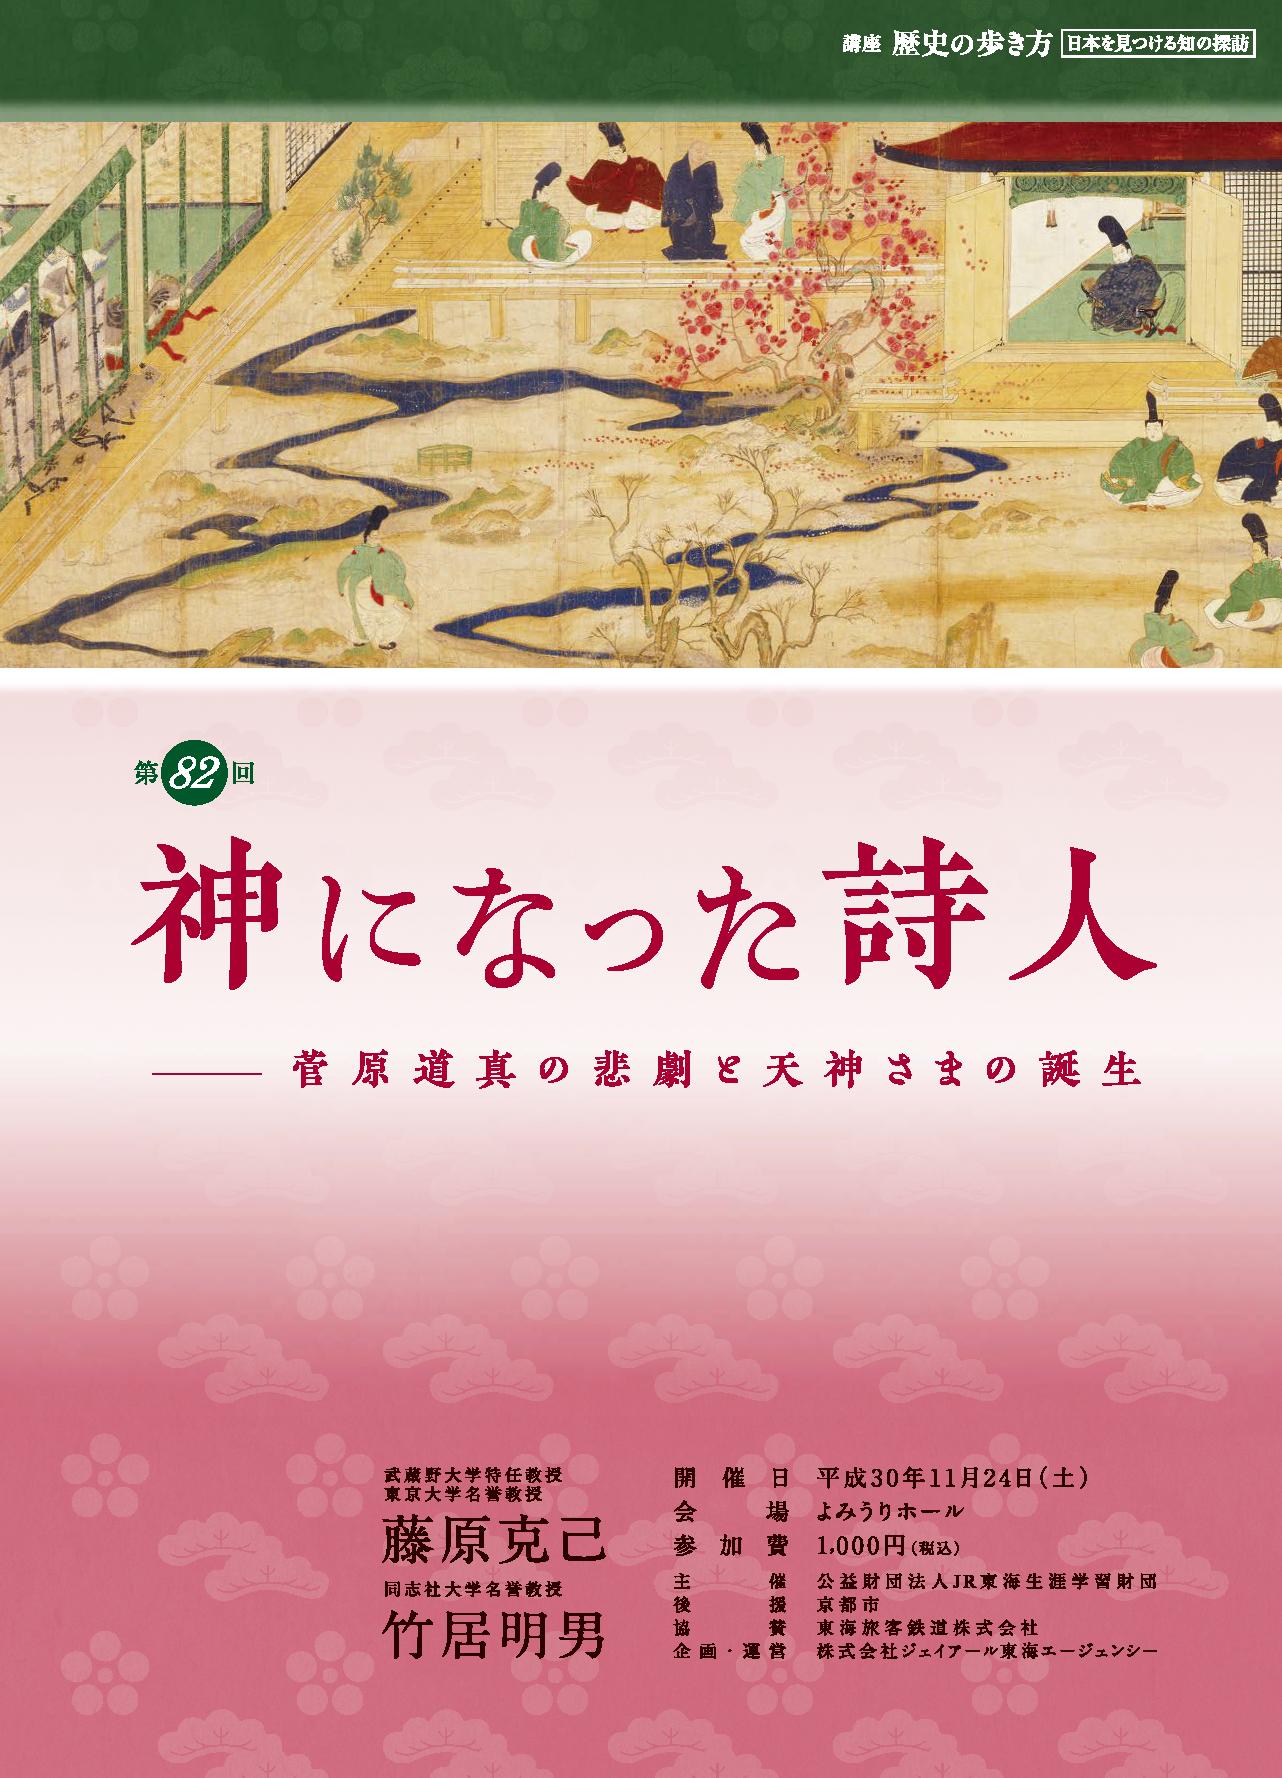 JR82_CHIRASHI.png